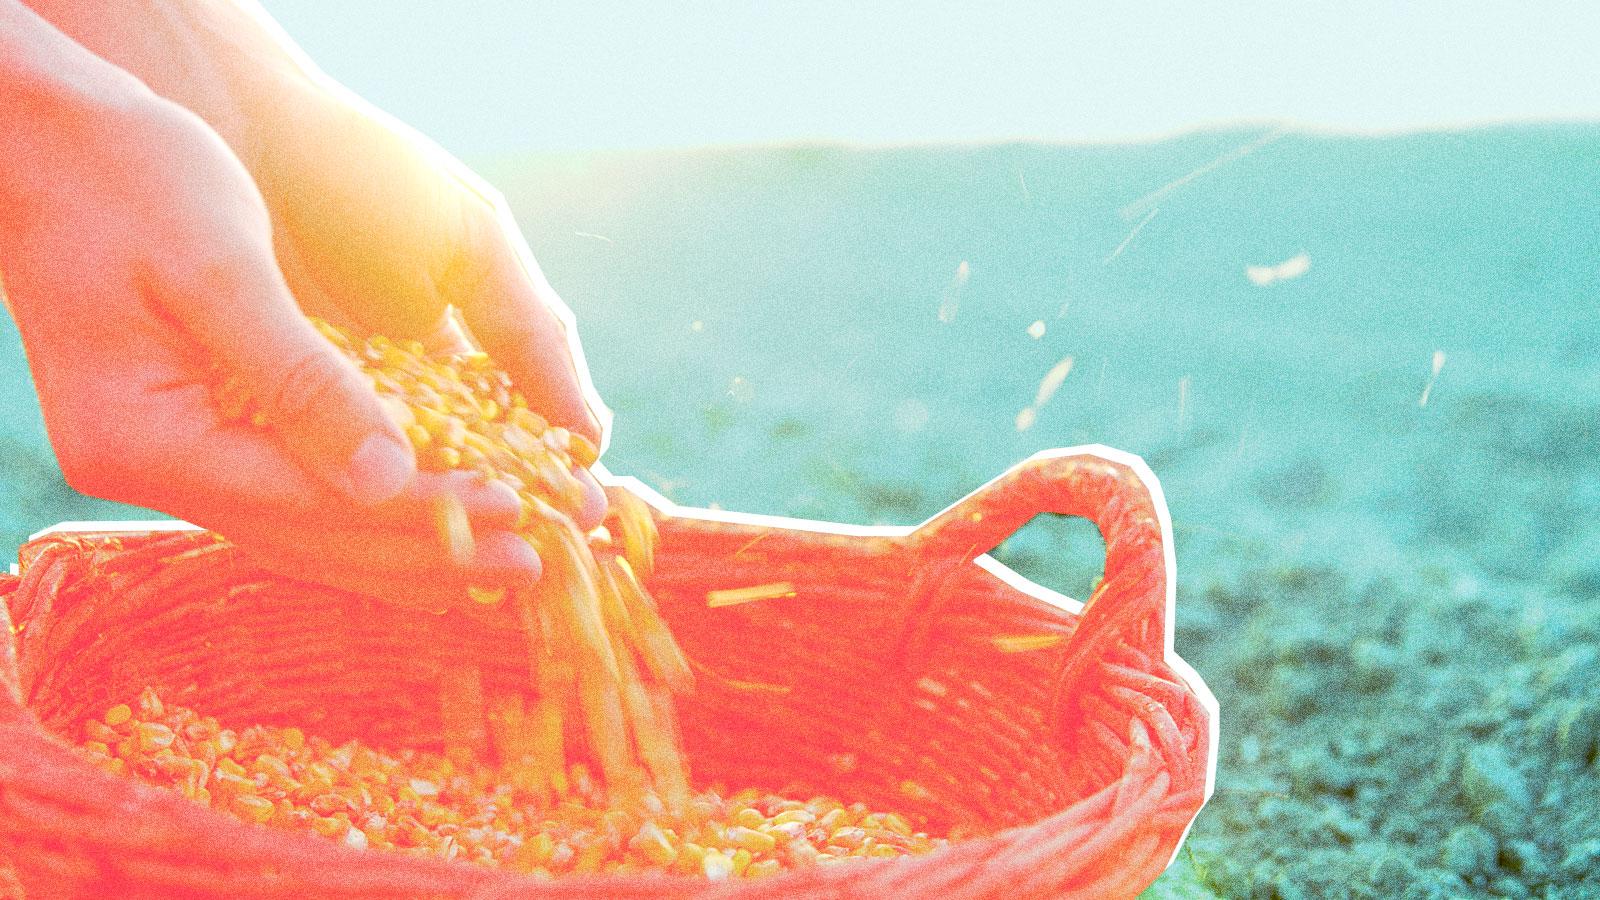 Hands spilling corn into basket